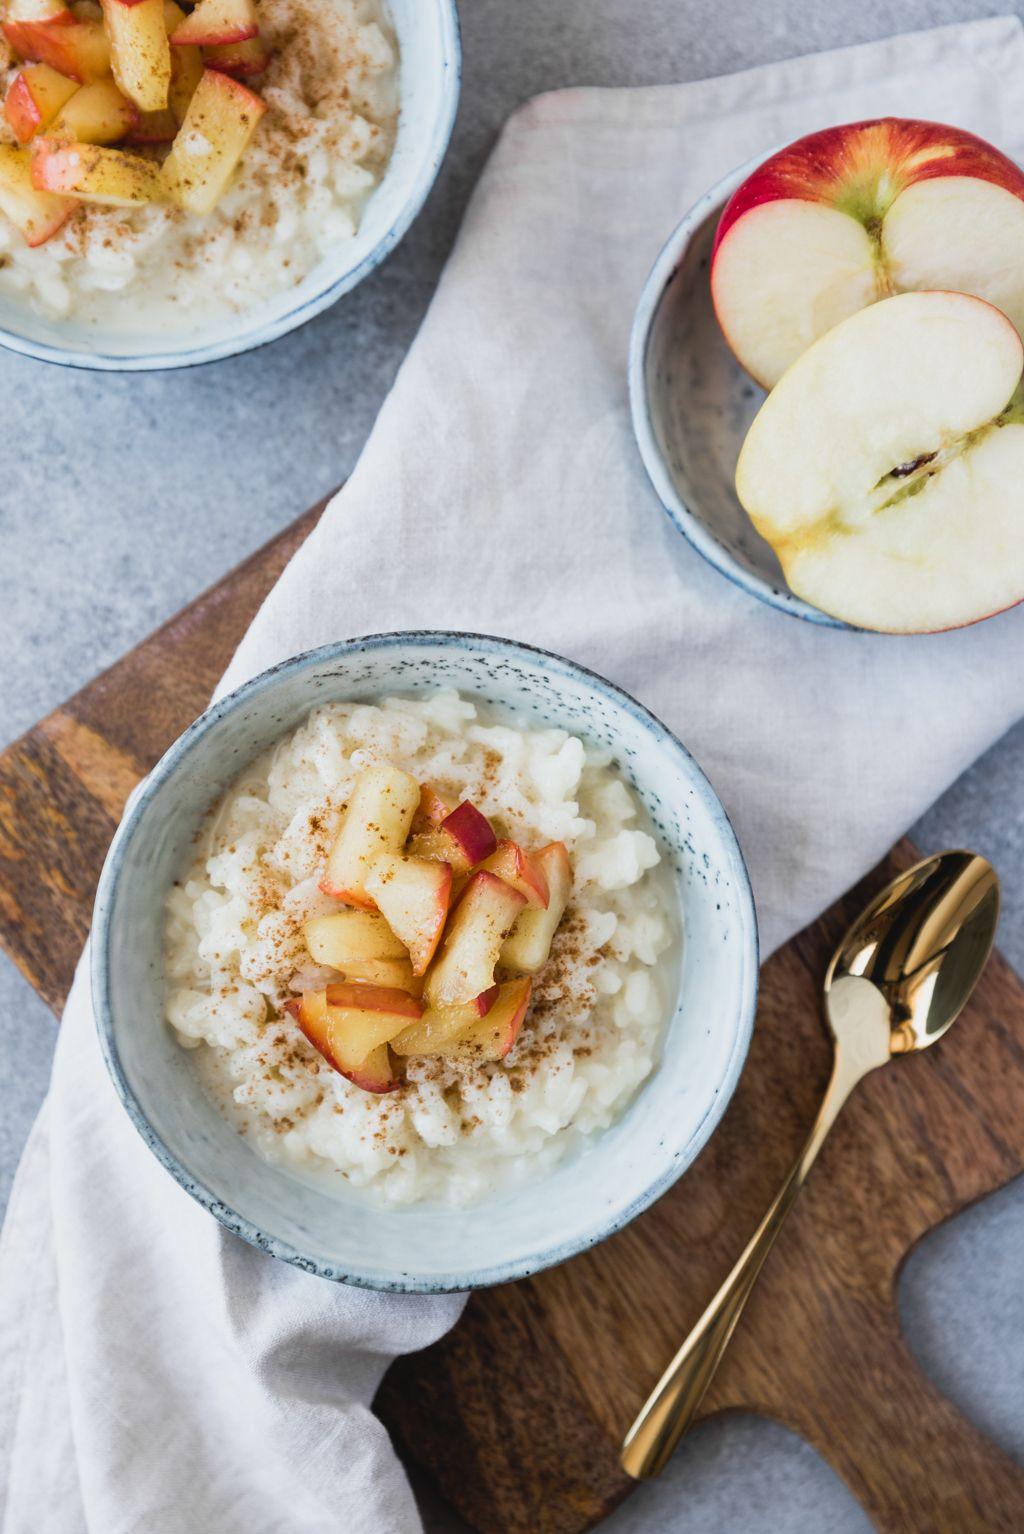 Milchreis Mit Karamellisierten Apfeln Und Zimt Rezept Milchreis Kochen Gesunde Rezepte Und Lebensmittel Essen